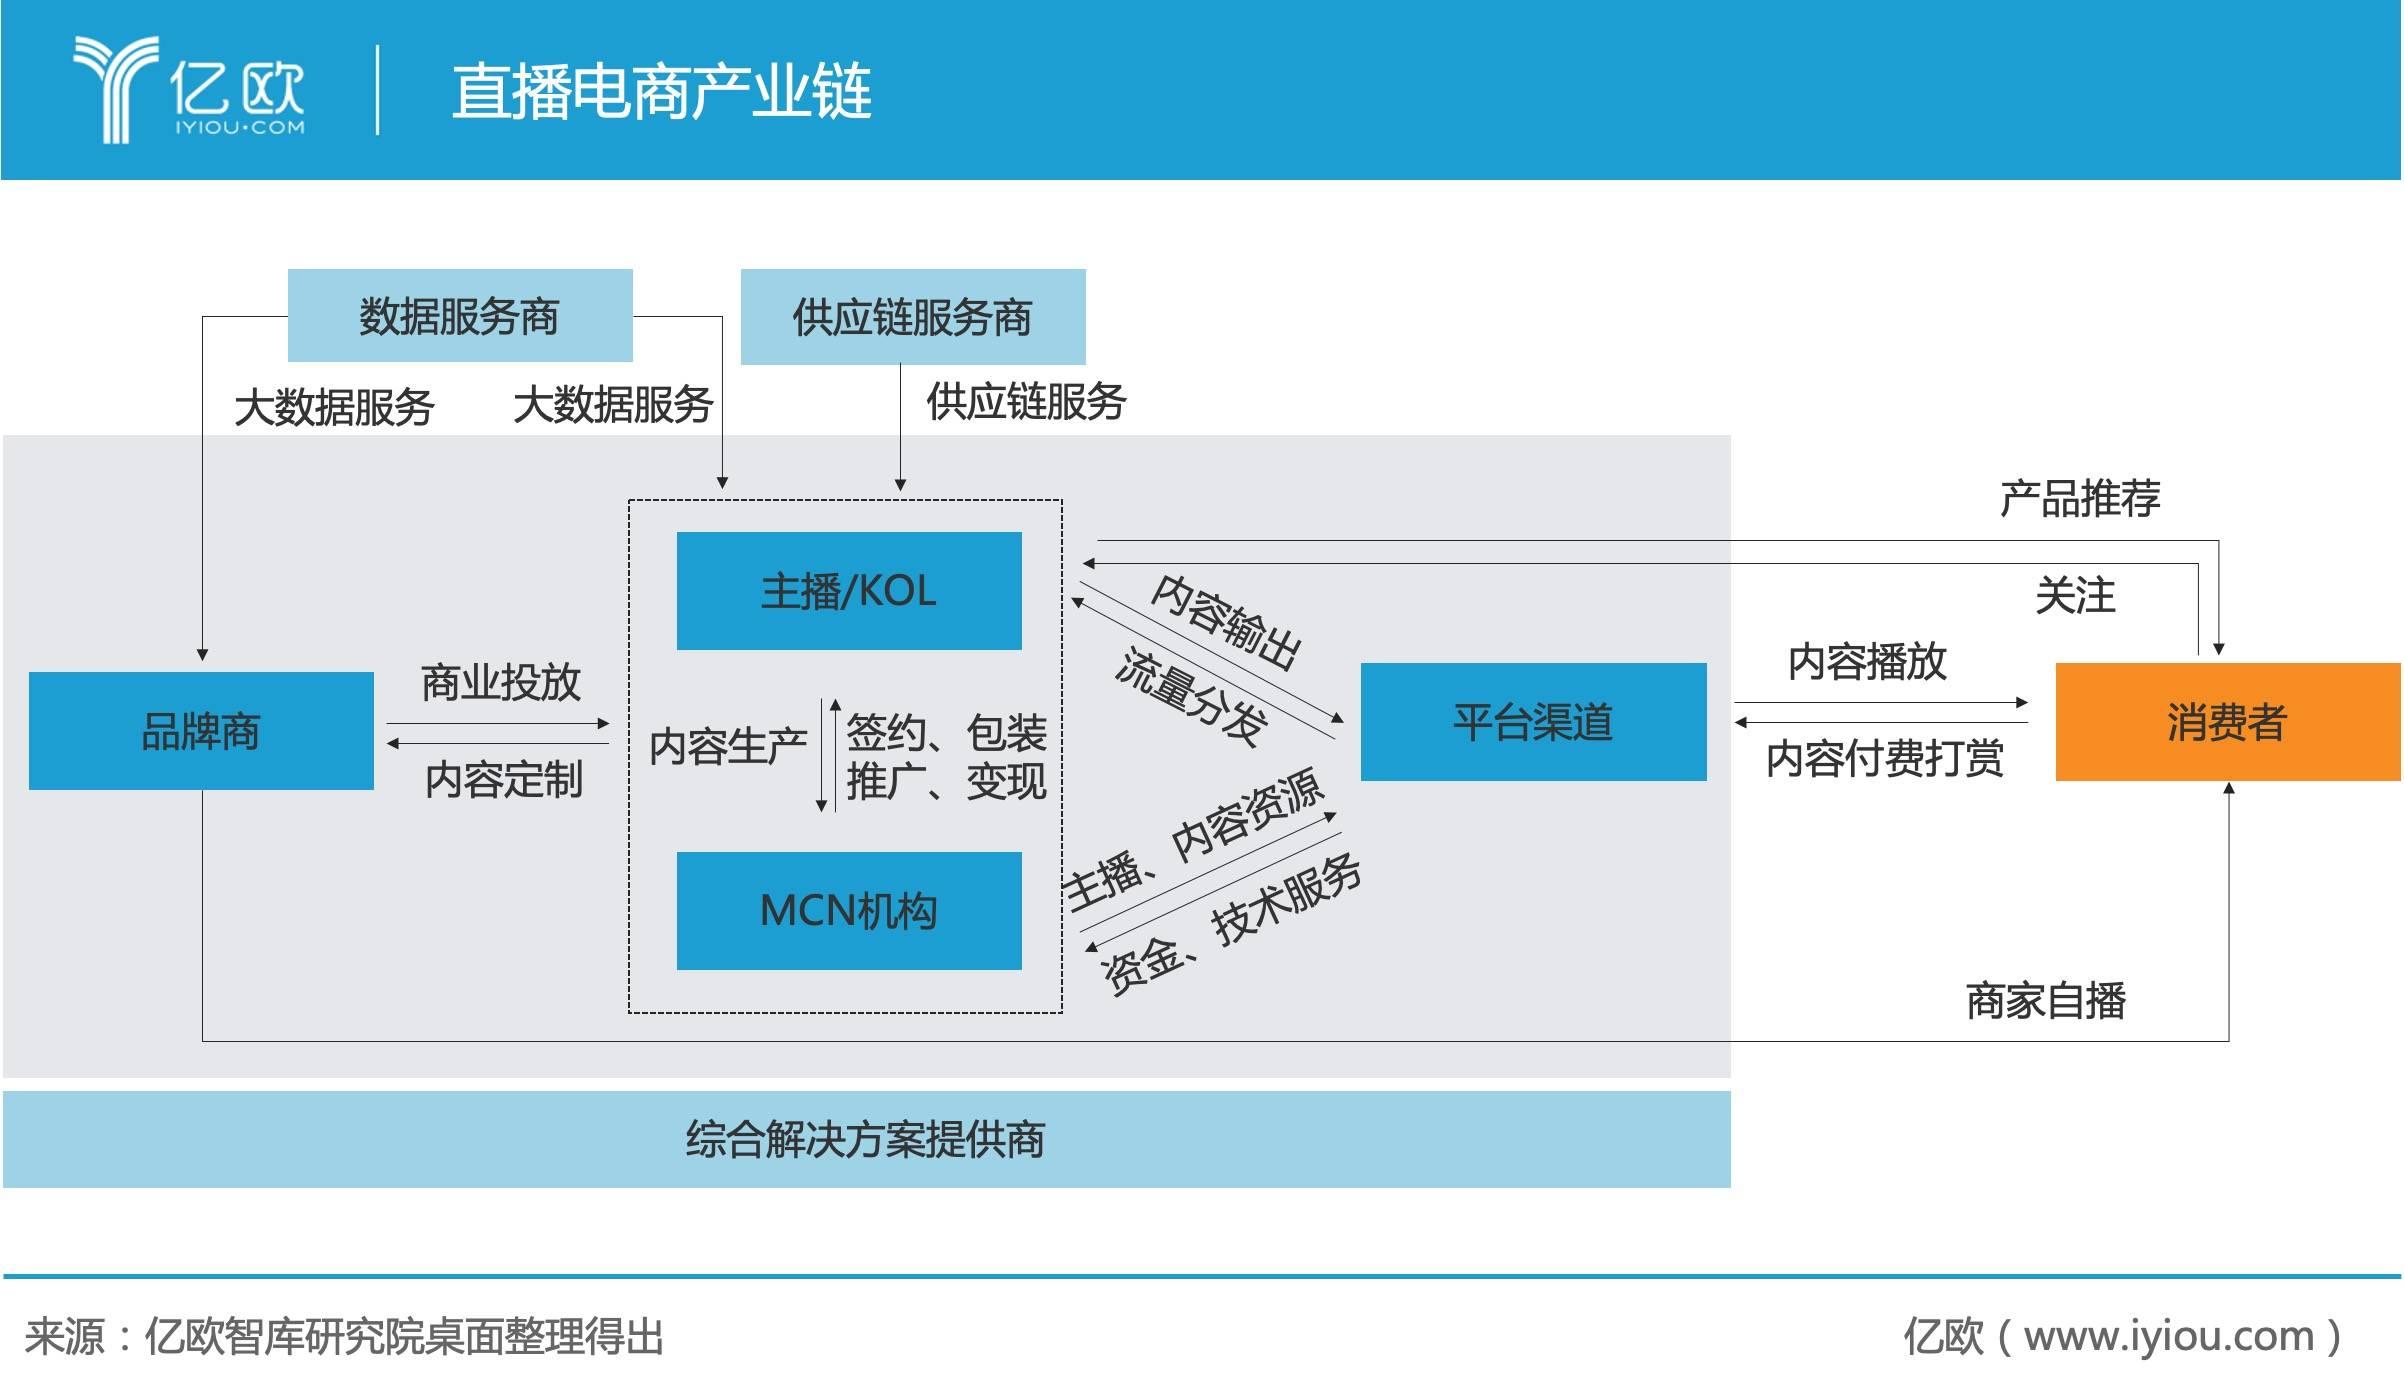 产业链.jpg.jpg